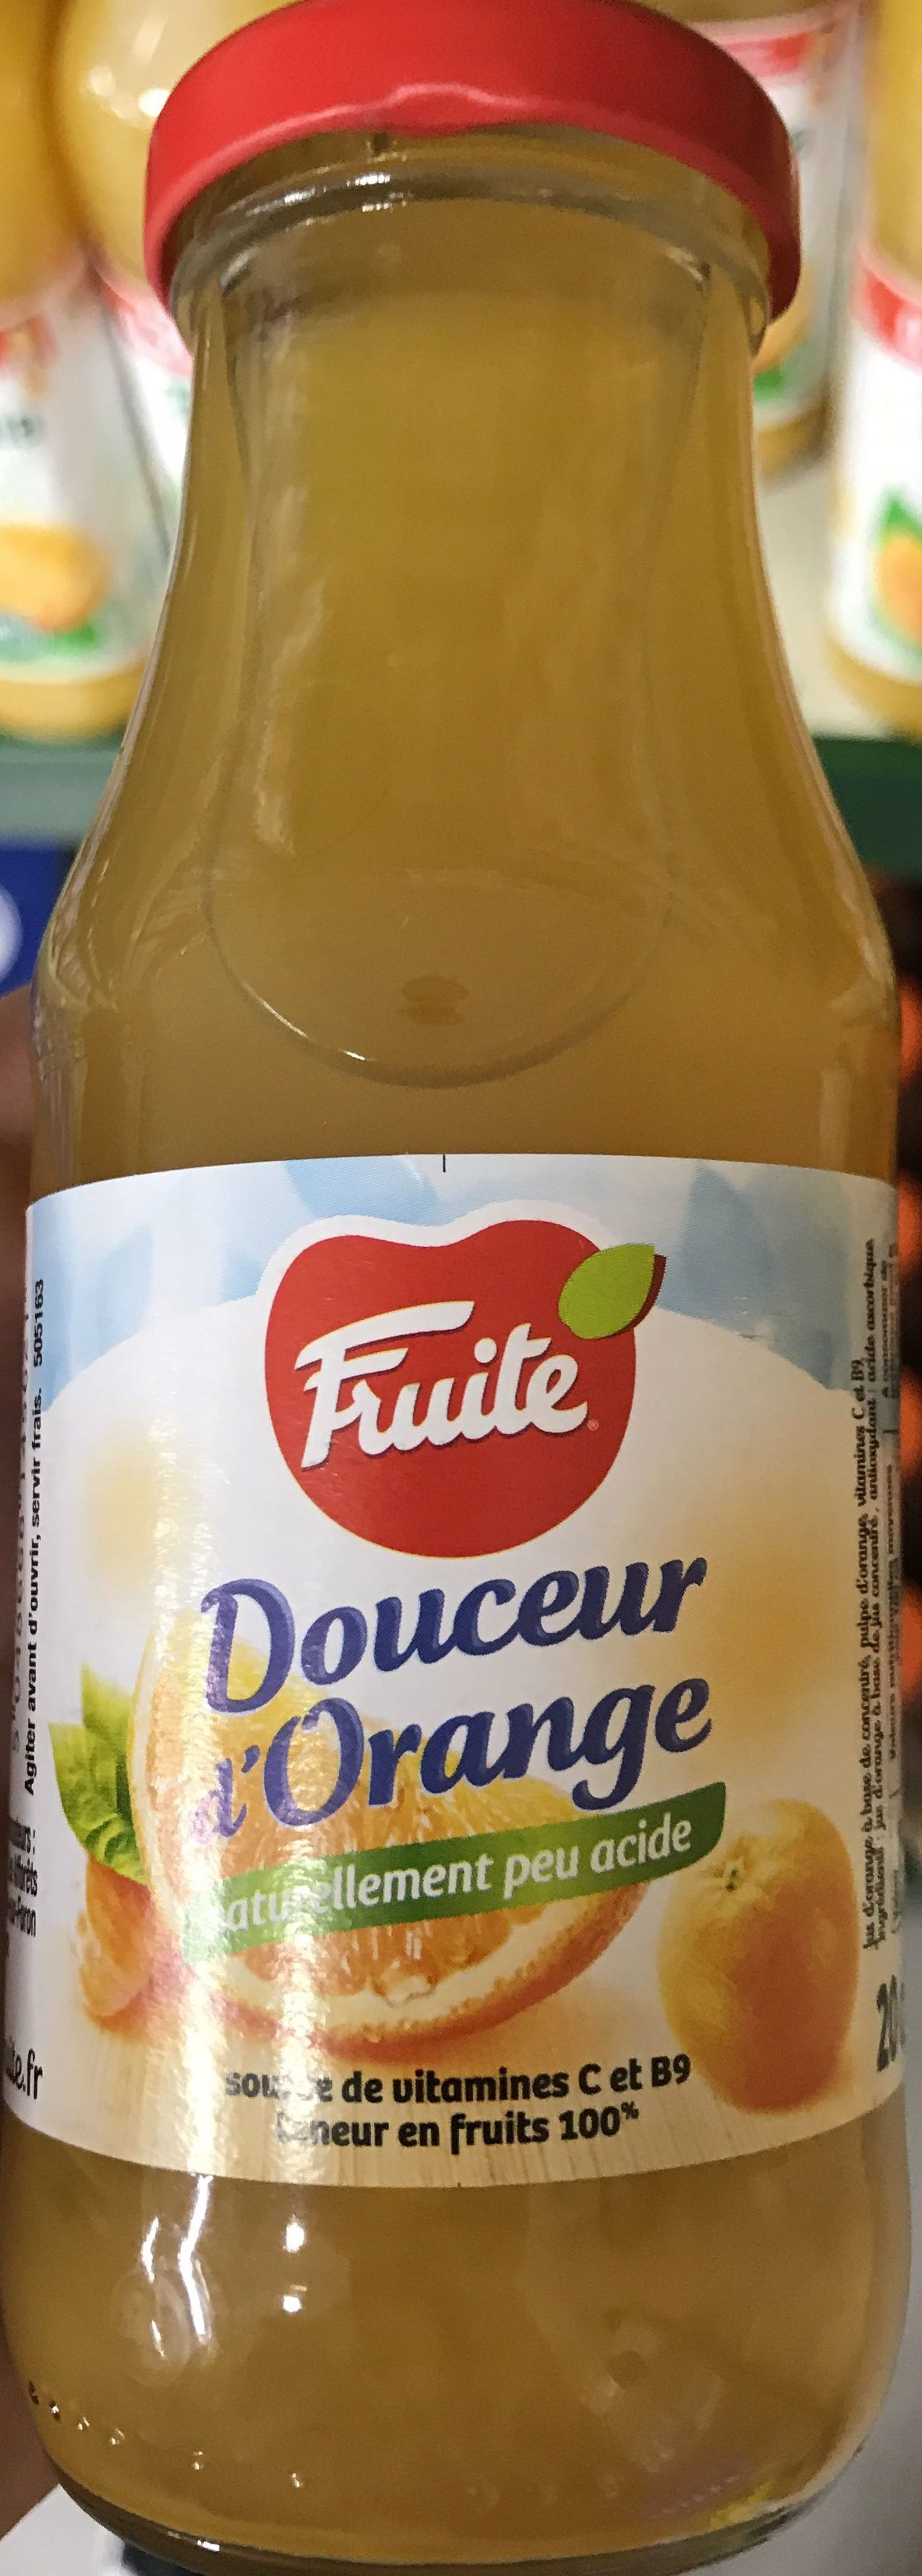 Douceur d'Orange - Product